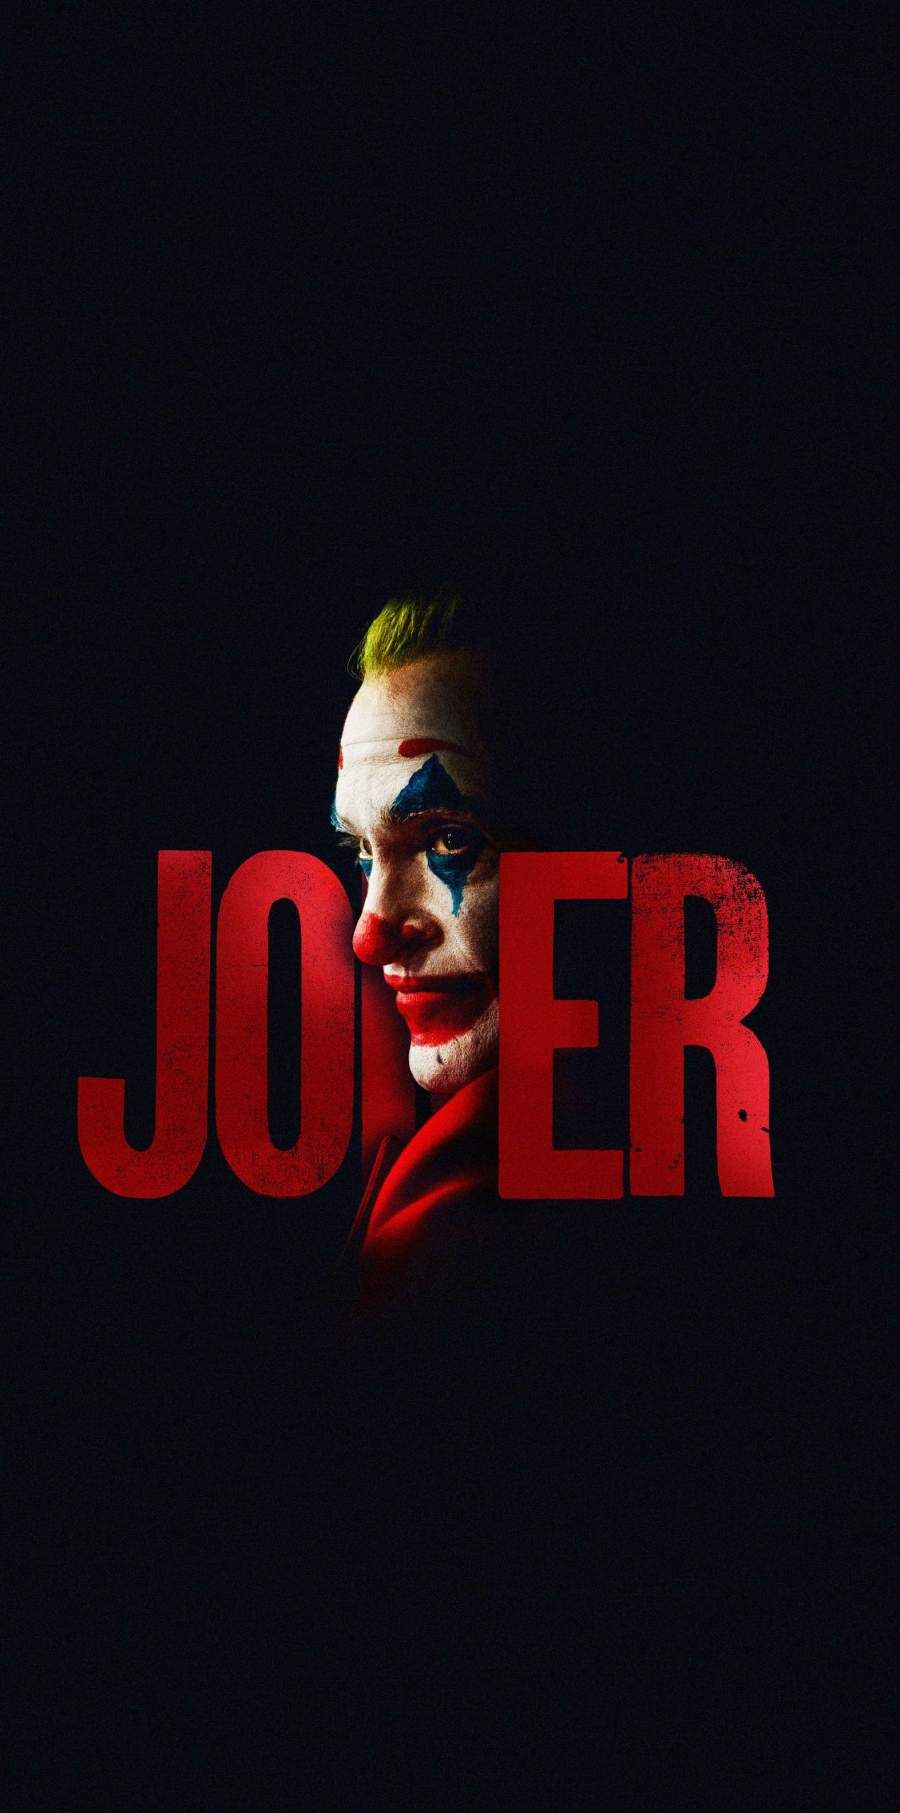 Joker Iphone Wallpaper Joker Iphone Wallpaper Joker Wallpapers Joker